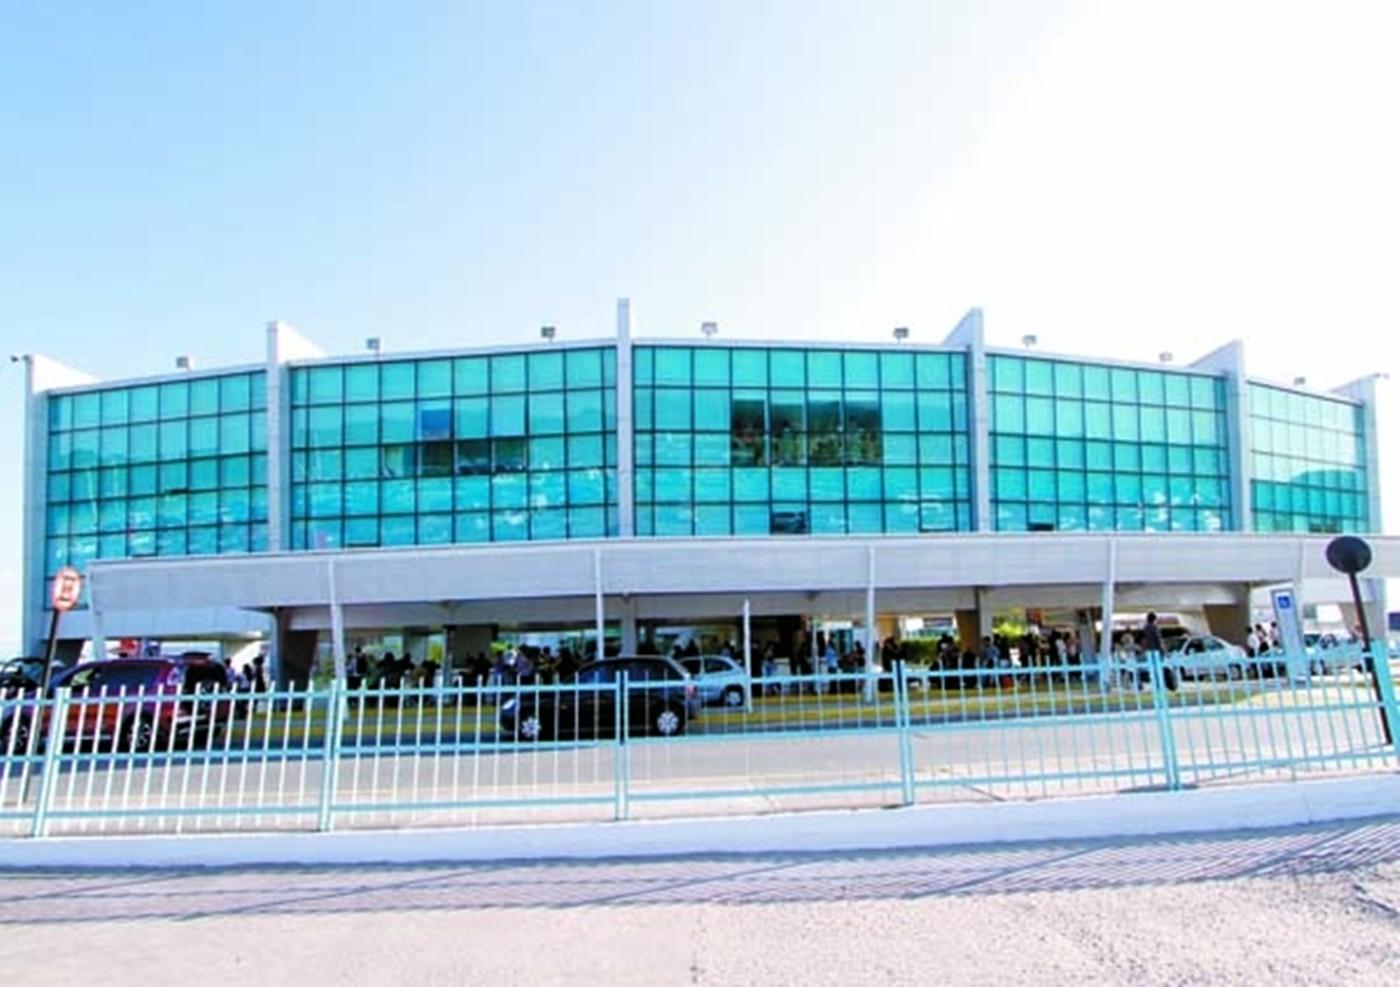 Paraíba vai ter 21 novos voos nos aeroportos de João Pessoa e Campina Grande, diz governador - Notícias - Plantão Diário